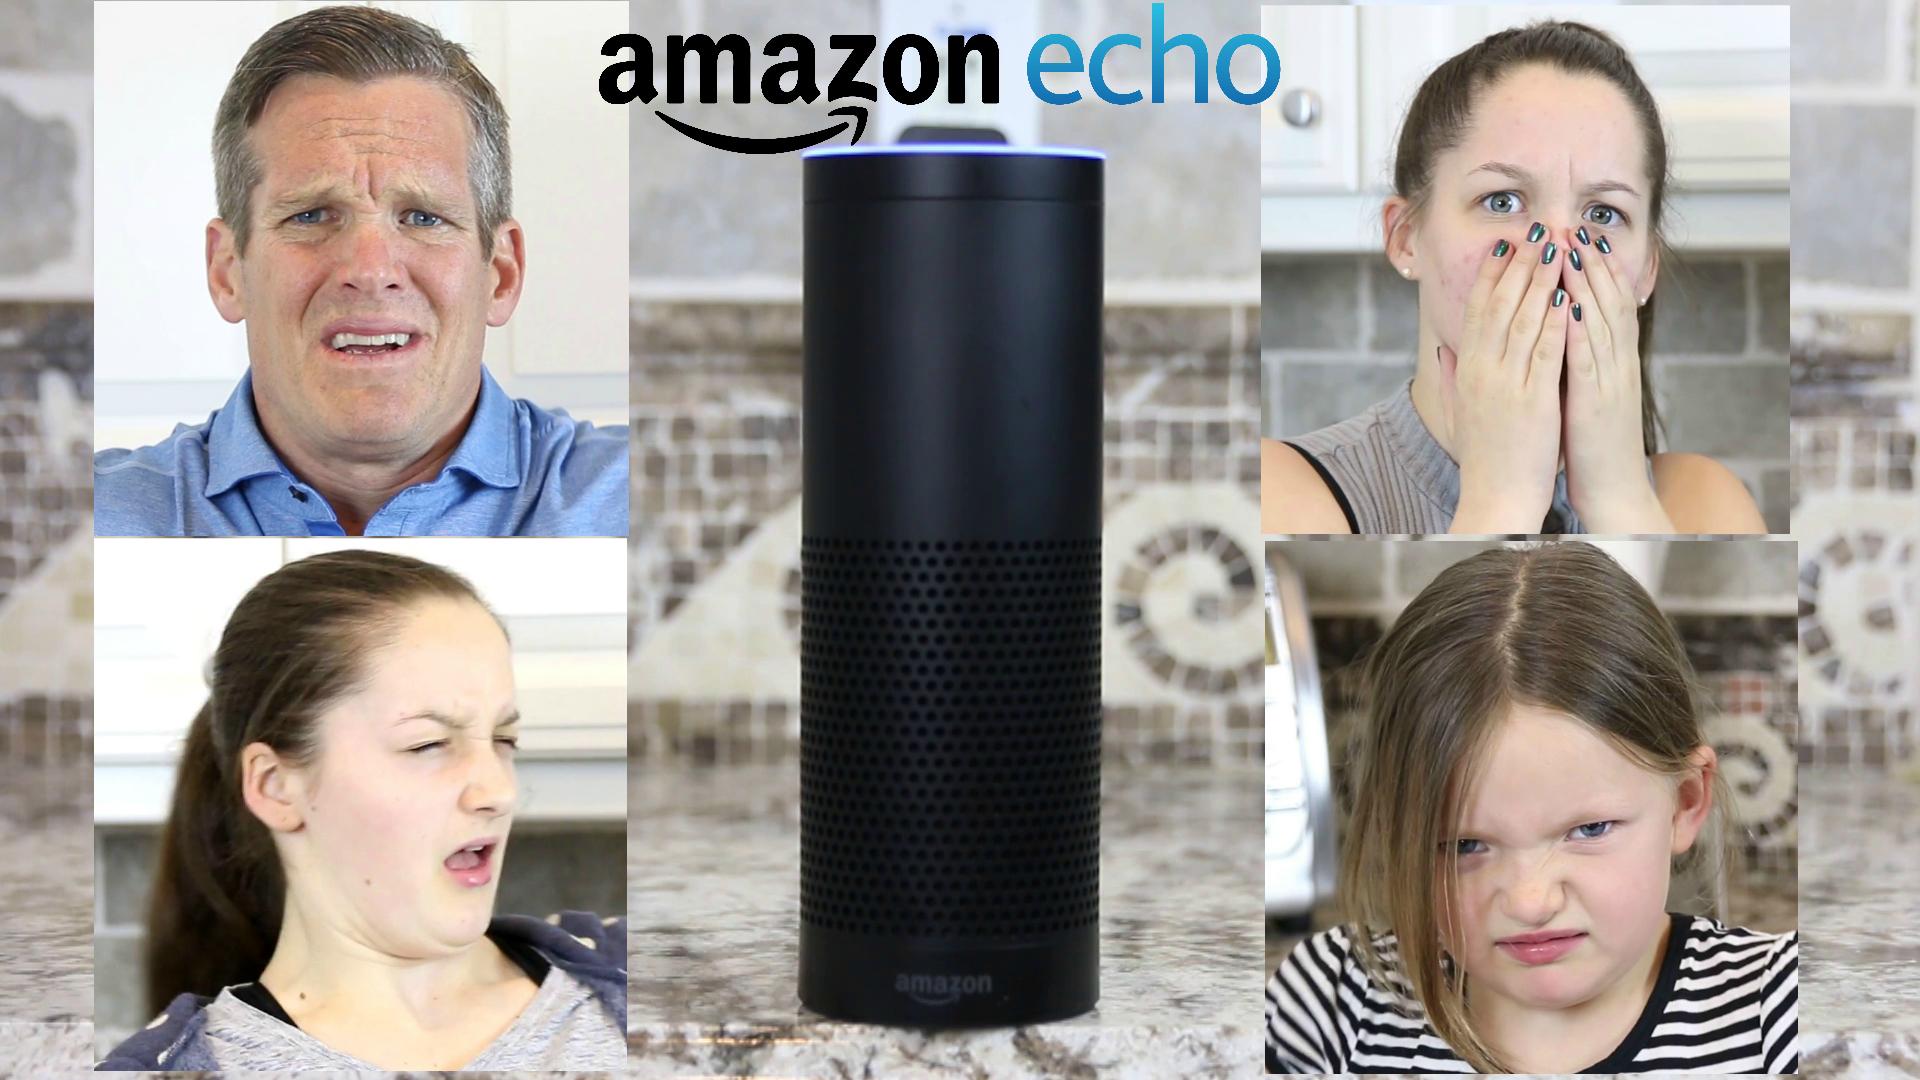 Evil Alexa – Fun With Our Amazon Echo